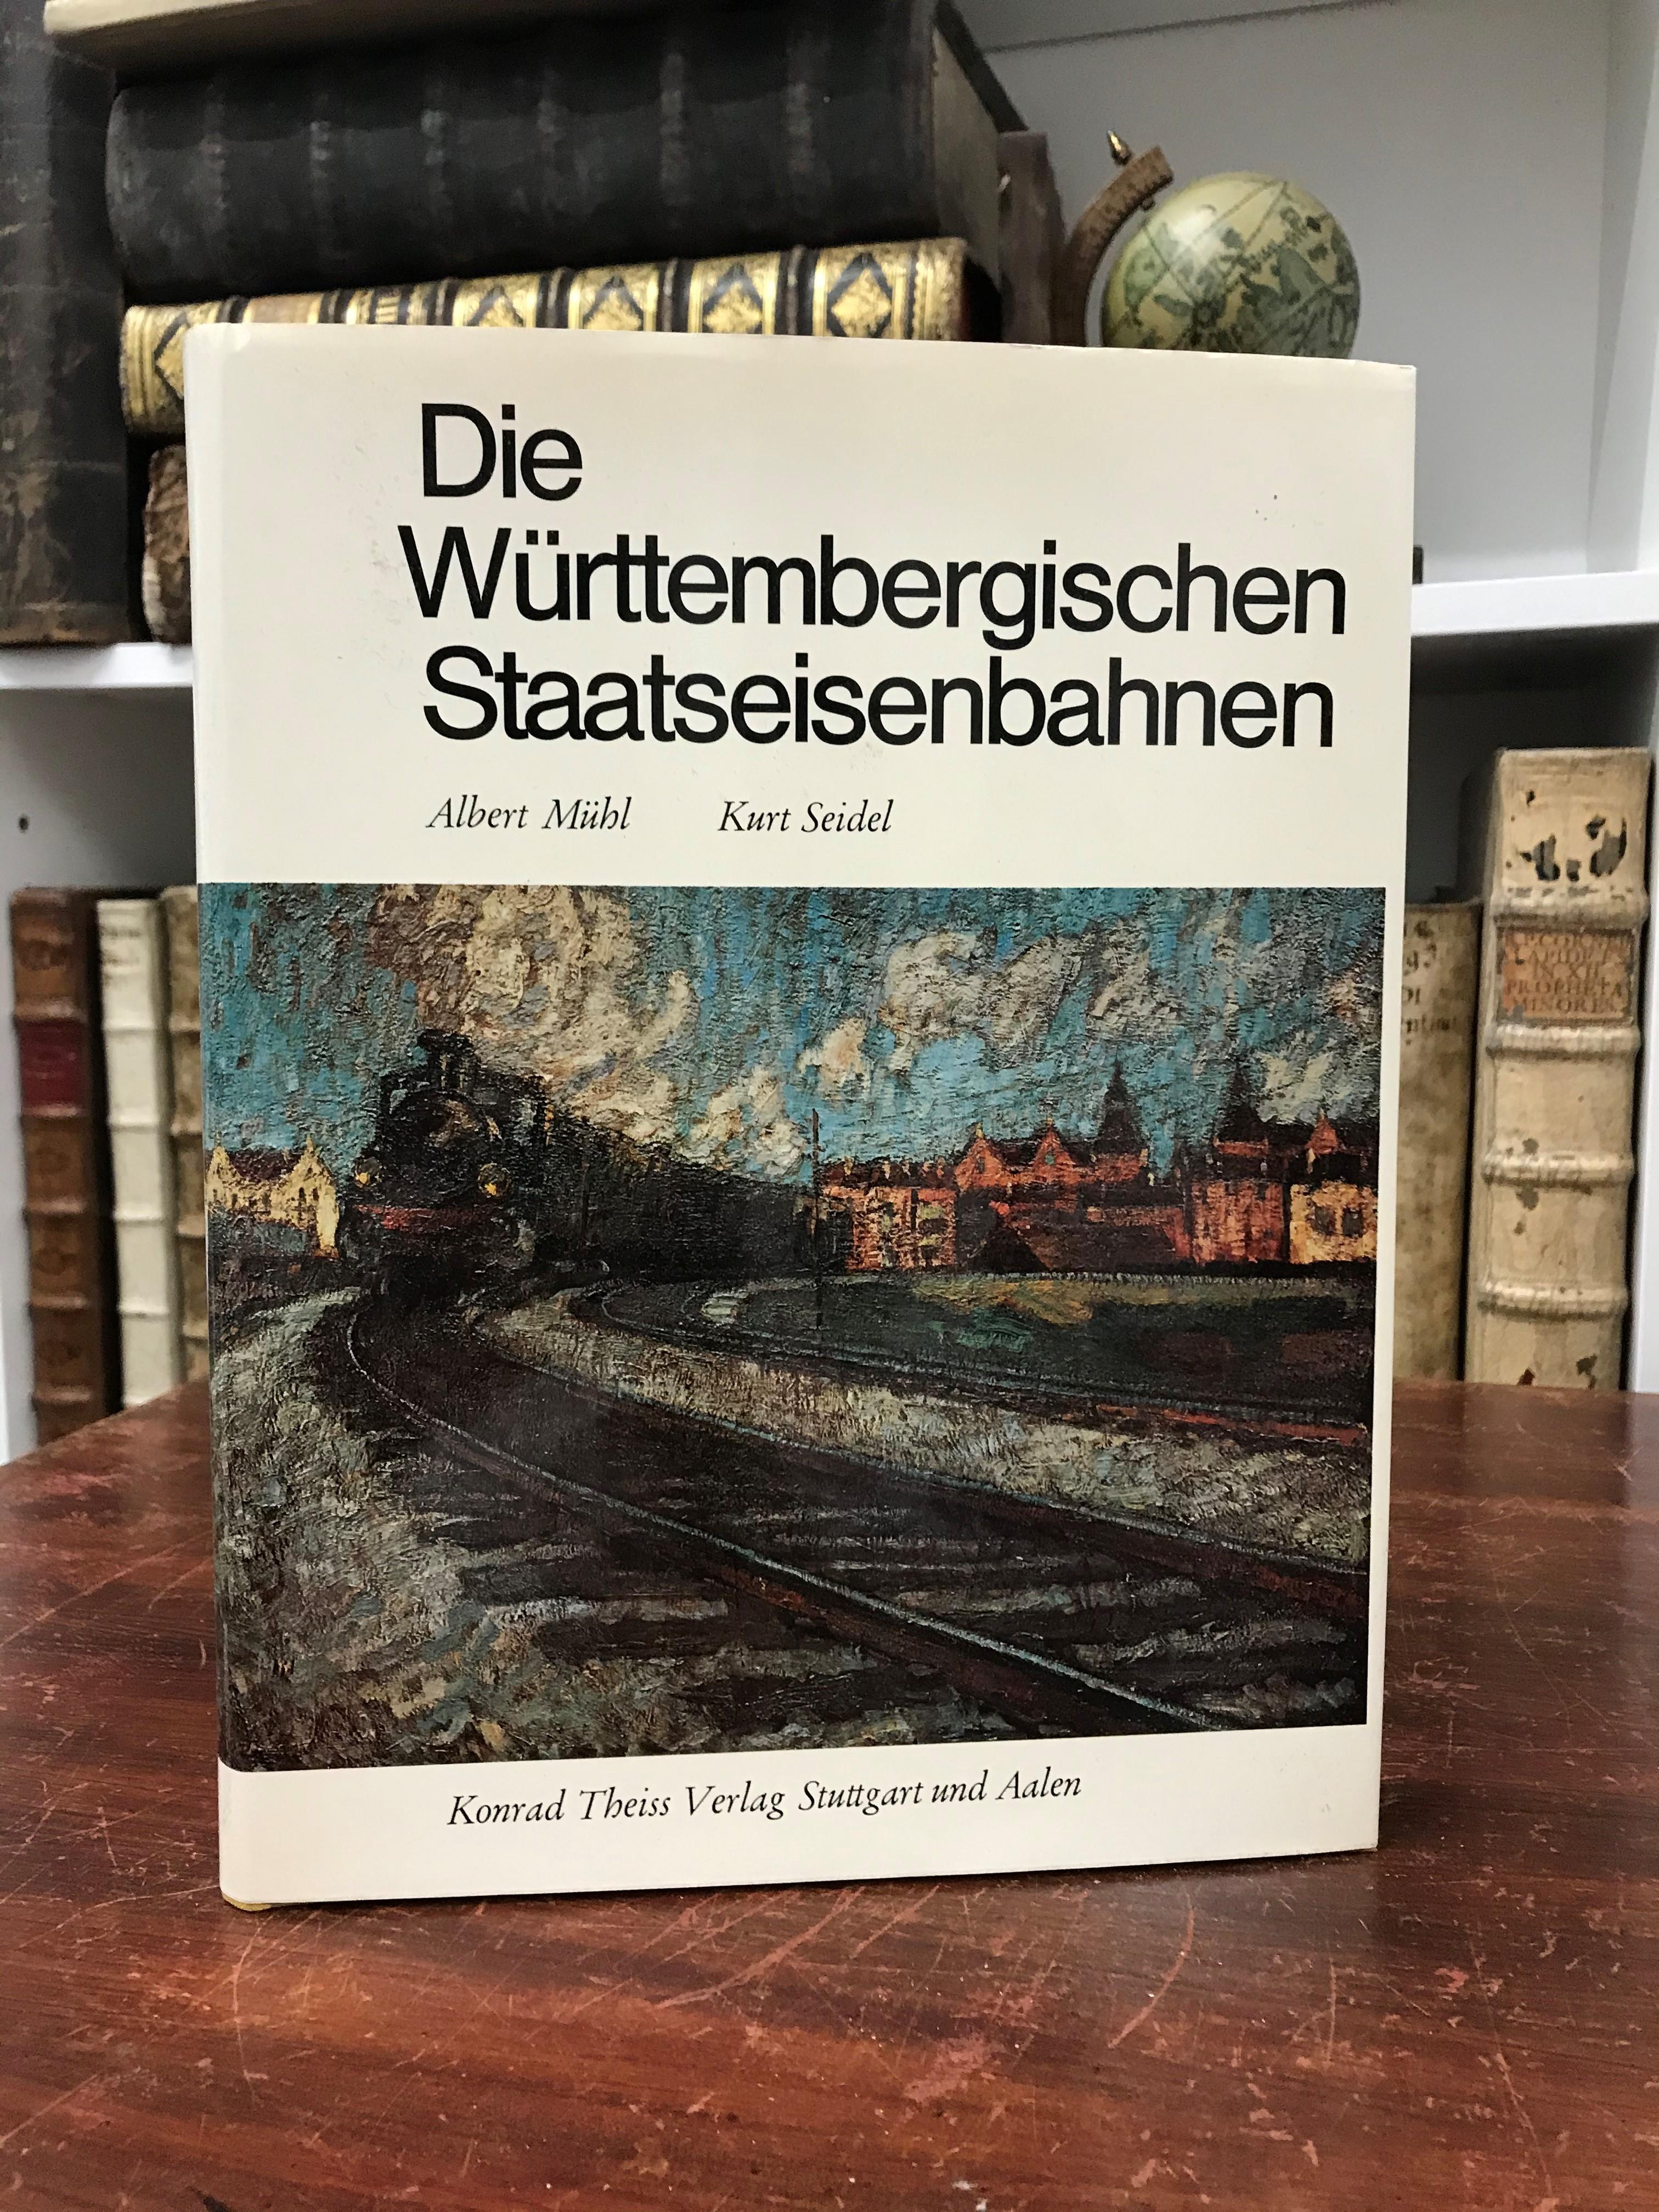 De Württembergischen Staatseisenbahnen.: Mühl Albert, Seidel